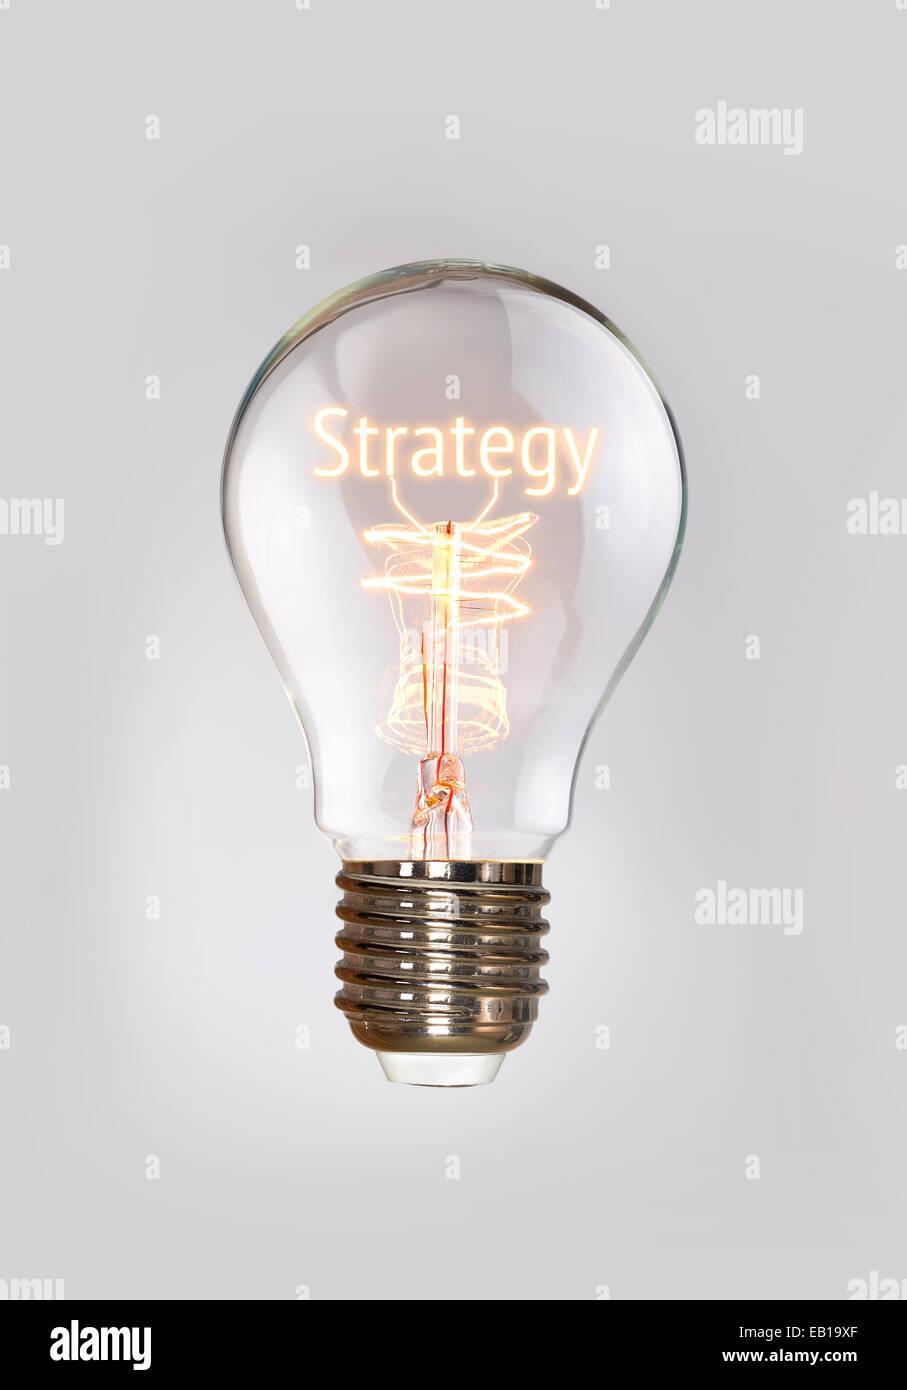 Le concept de stratégie dans une ampoule à incandescence. Photo Stock